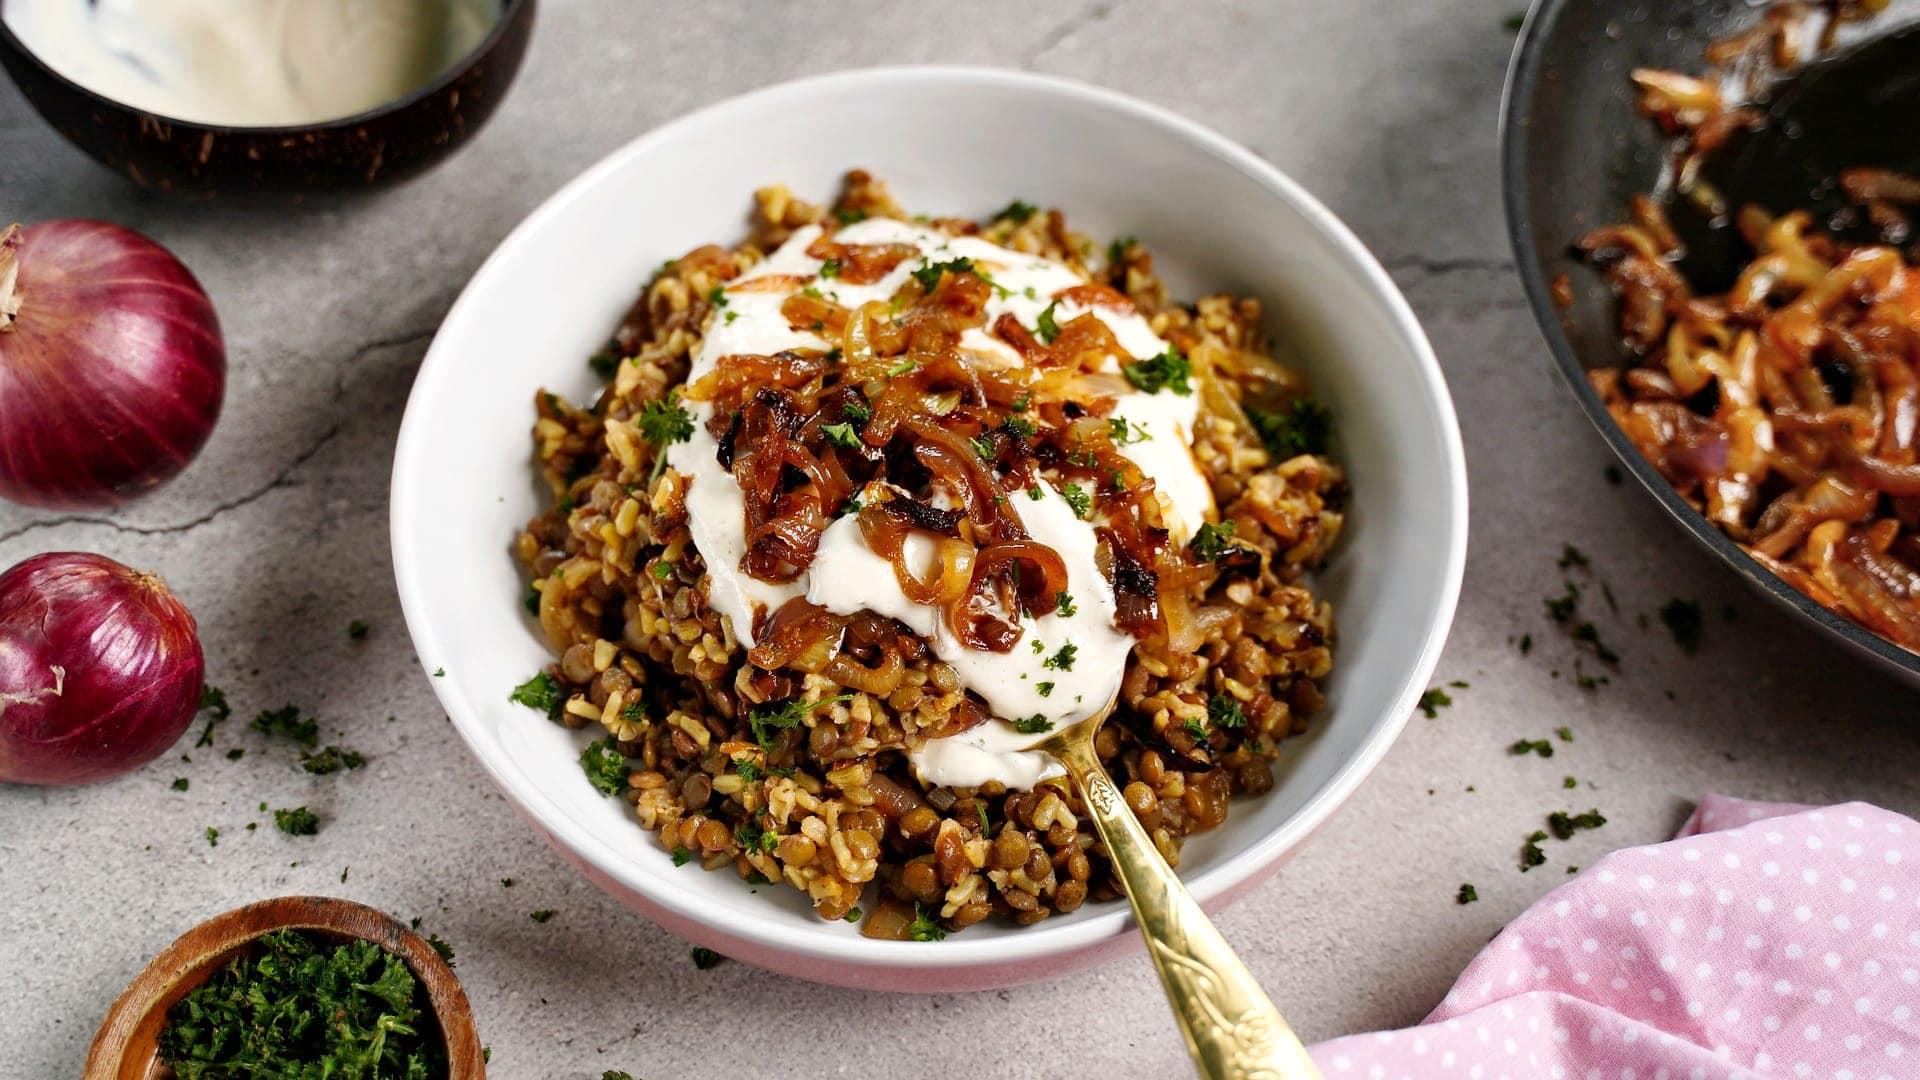 Libanesische Linsen und Reis in Schale mit karamellisierten Zwiebeln und veganem Joghurt